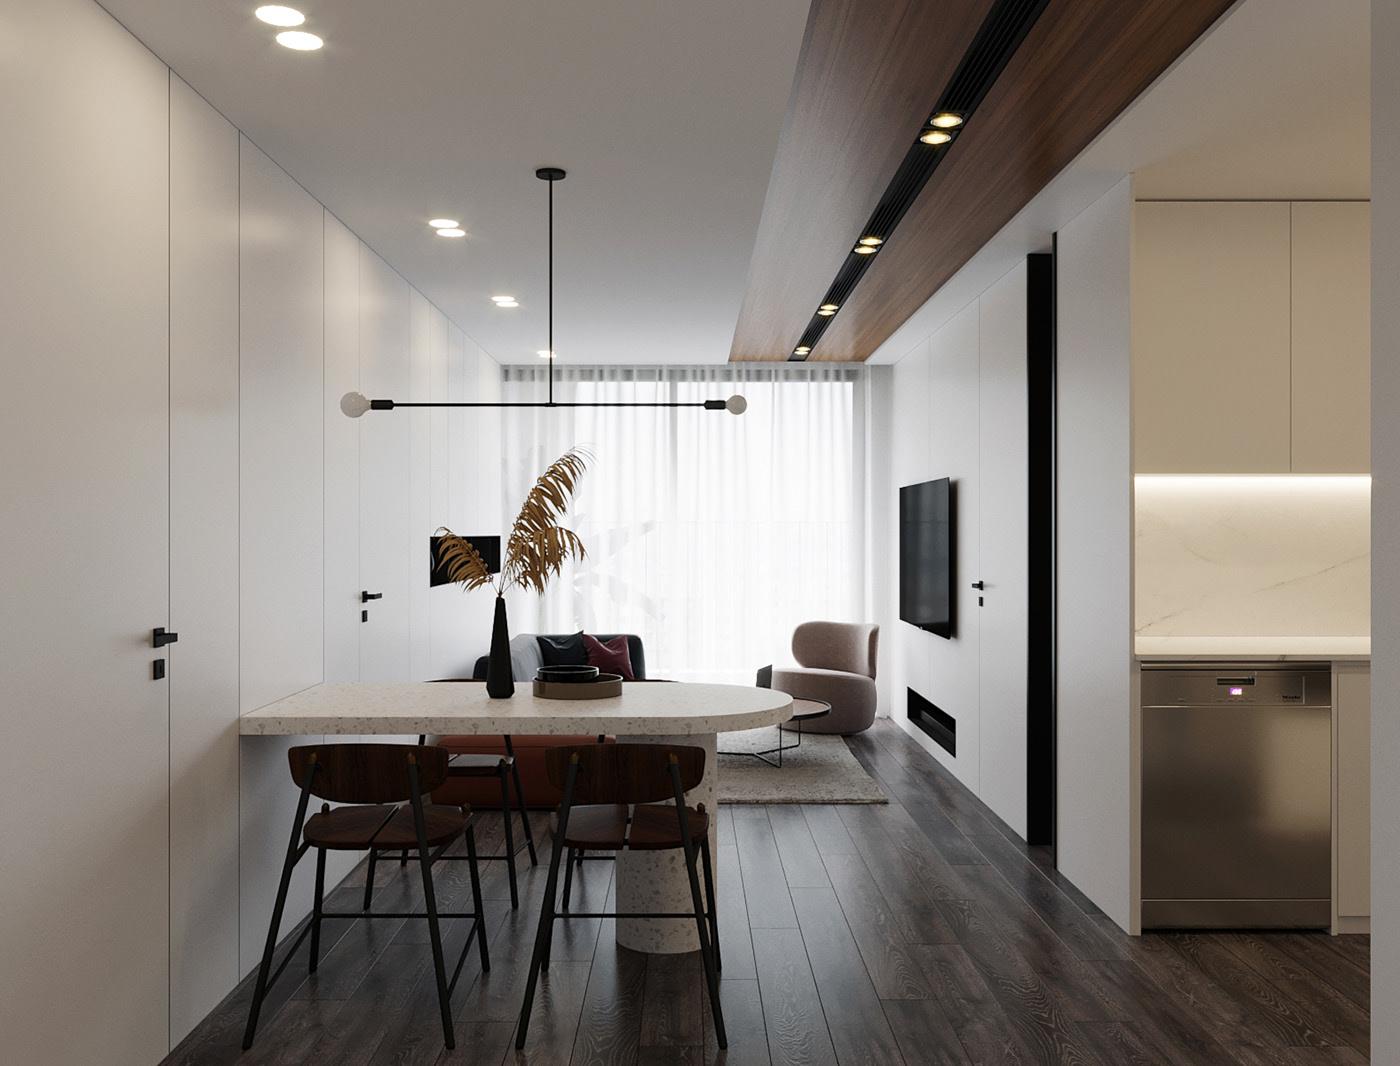 Minimalistic style apartment interior design